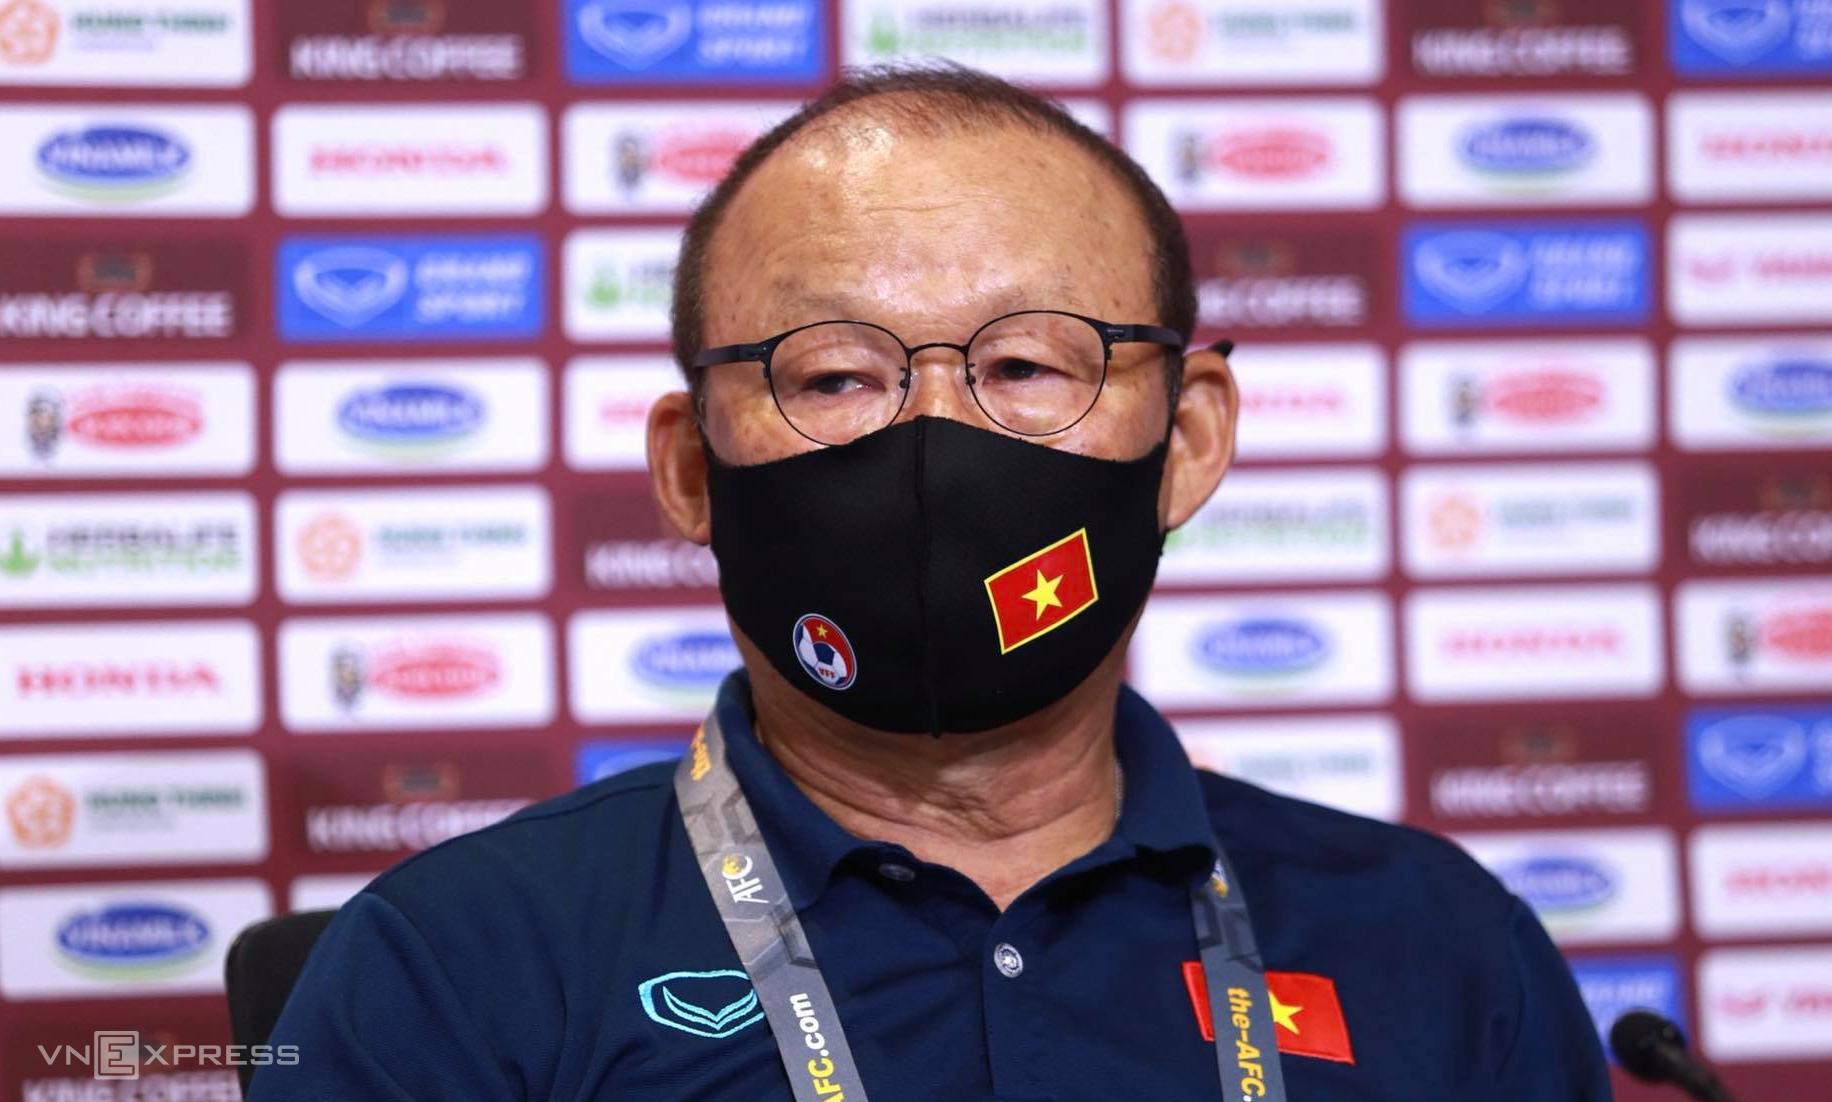 HLV Park có mặt tại cuộc họp báo năm sớm gần 10 phút so với thời gian do AFC quy định. Ảnh: Lâm Thoả